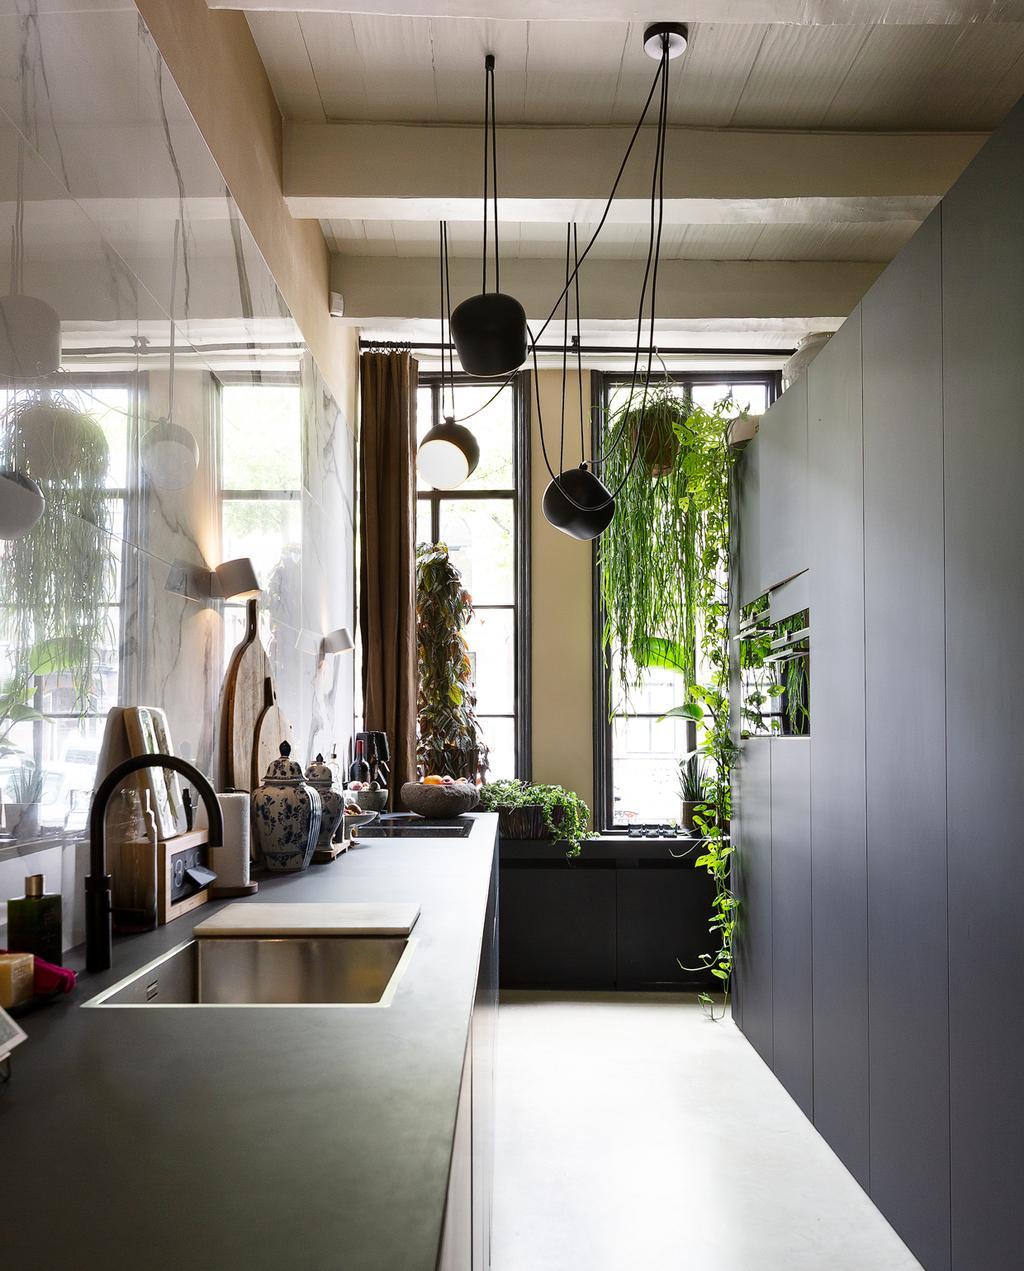 vtwonen 1-2020 | Binnenkijker in een grachtenpand in Delft zwarte keuken